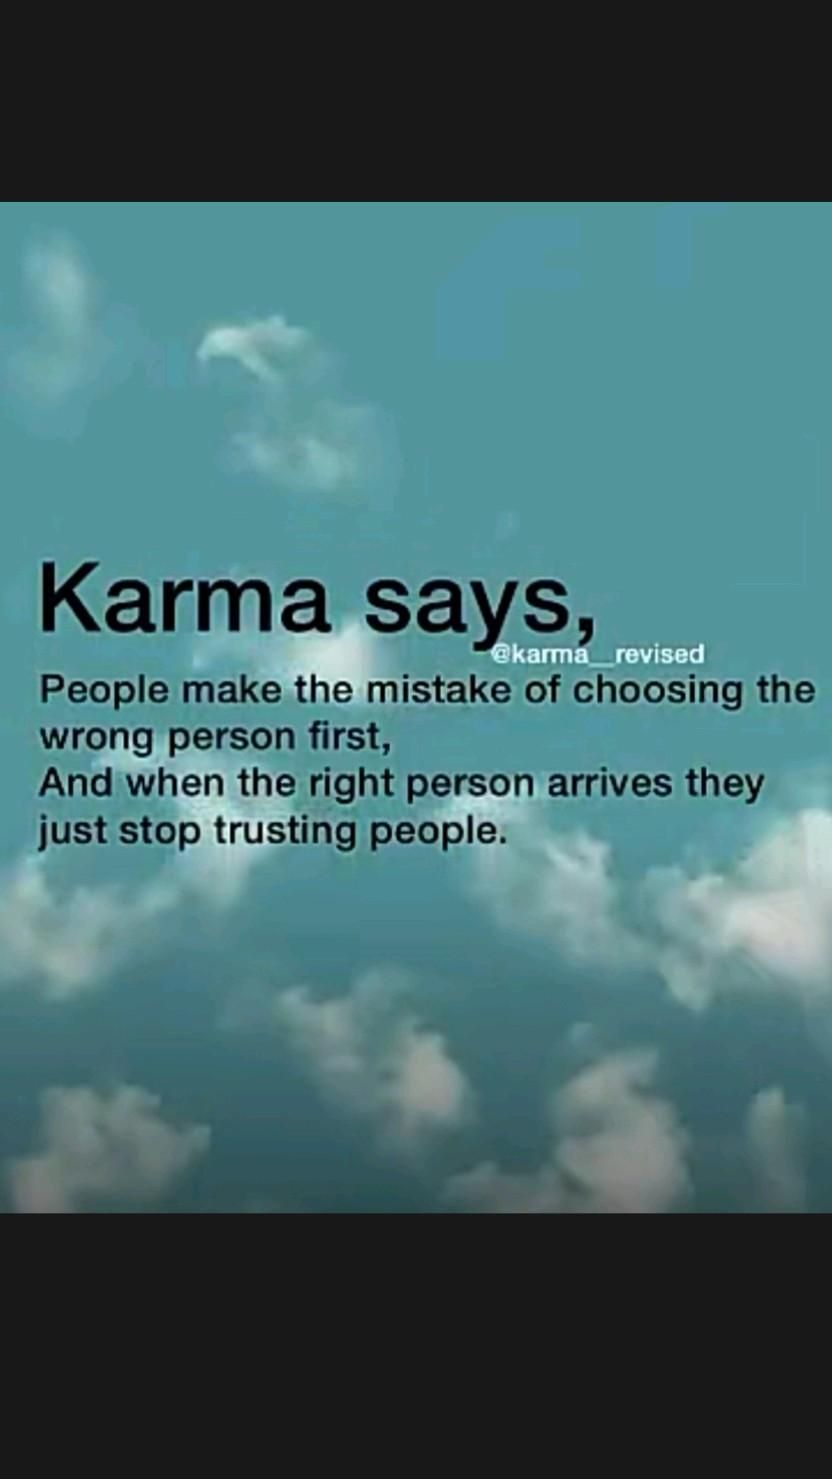 #karma